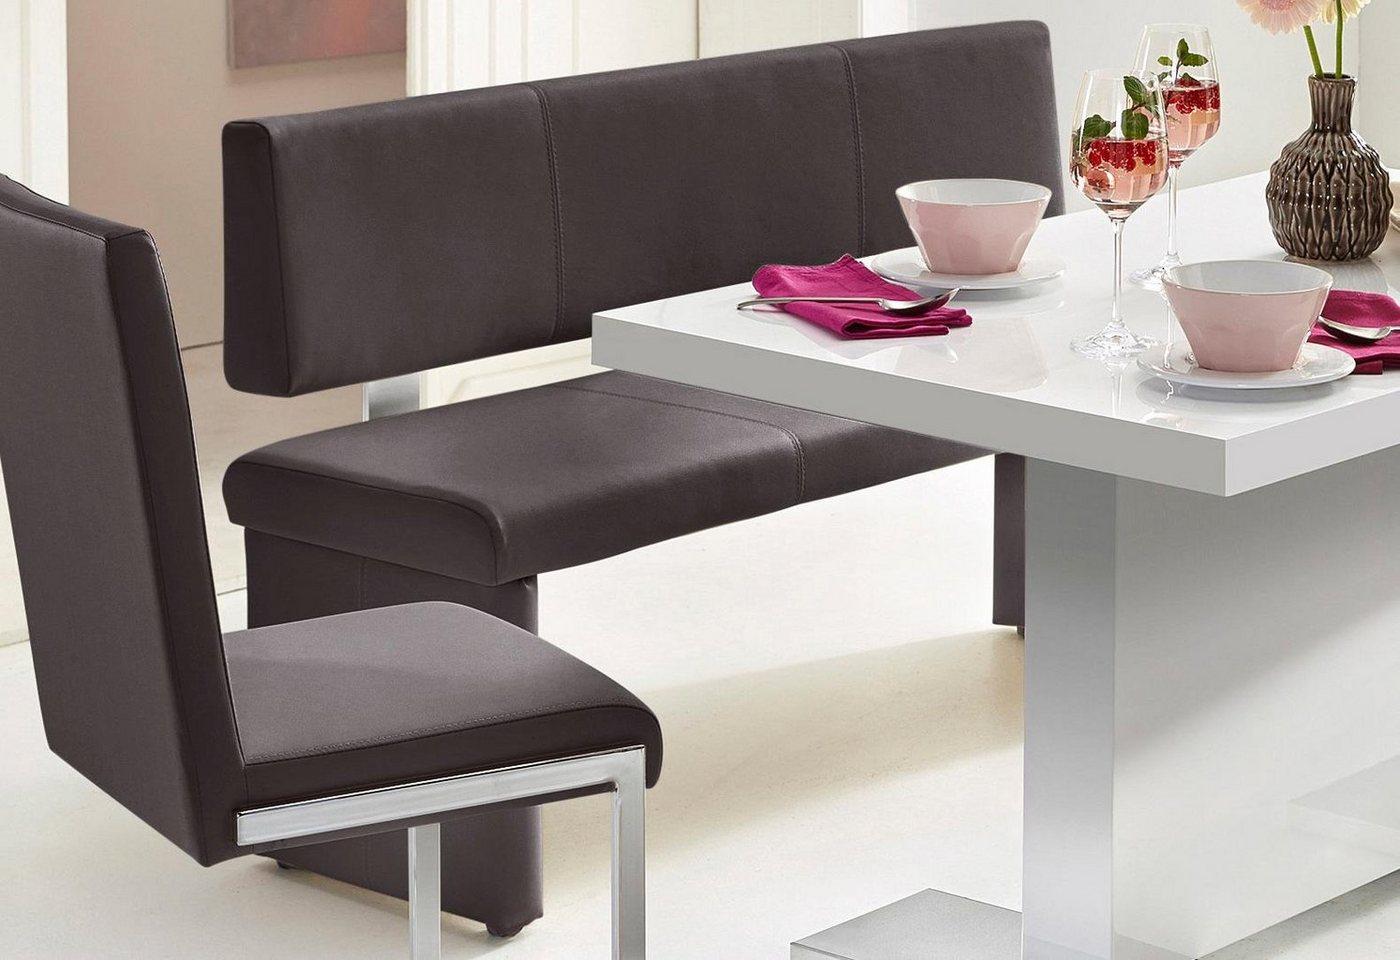 sitzbank mit r ckenlehne sonstige preisvergleiche. Black Bedroom Furniture Sets. Home Design Ideas